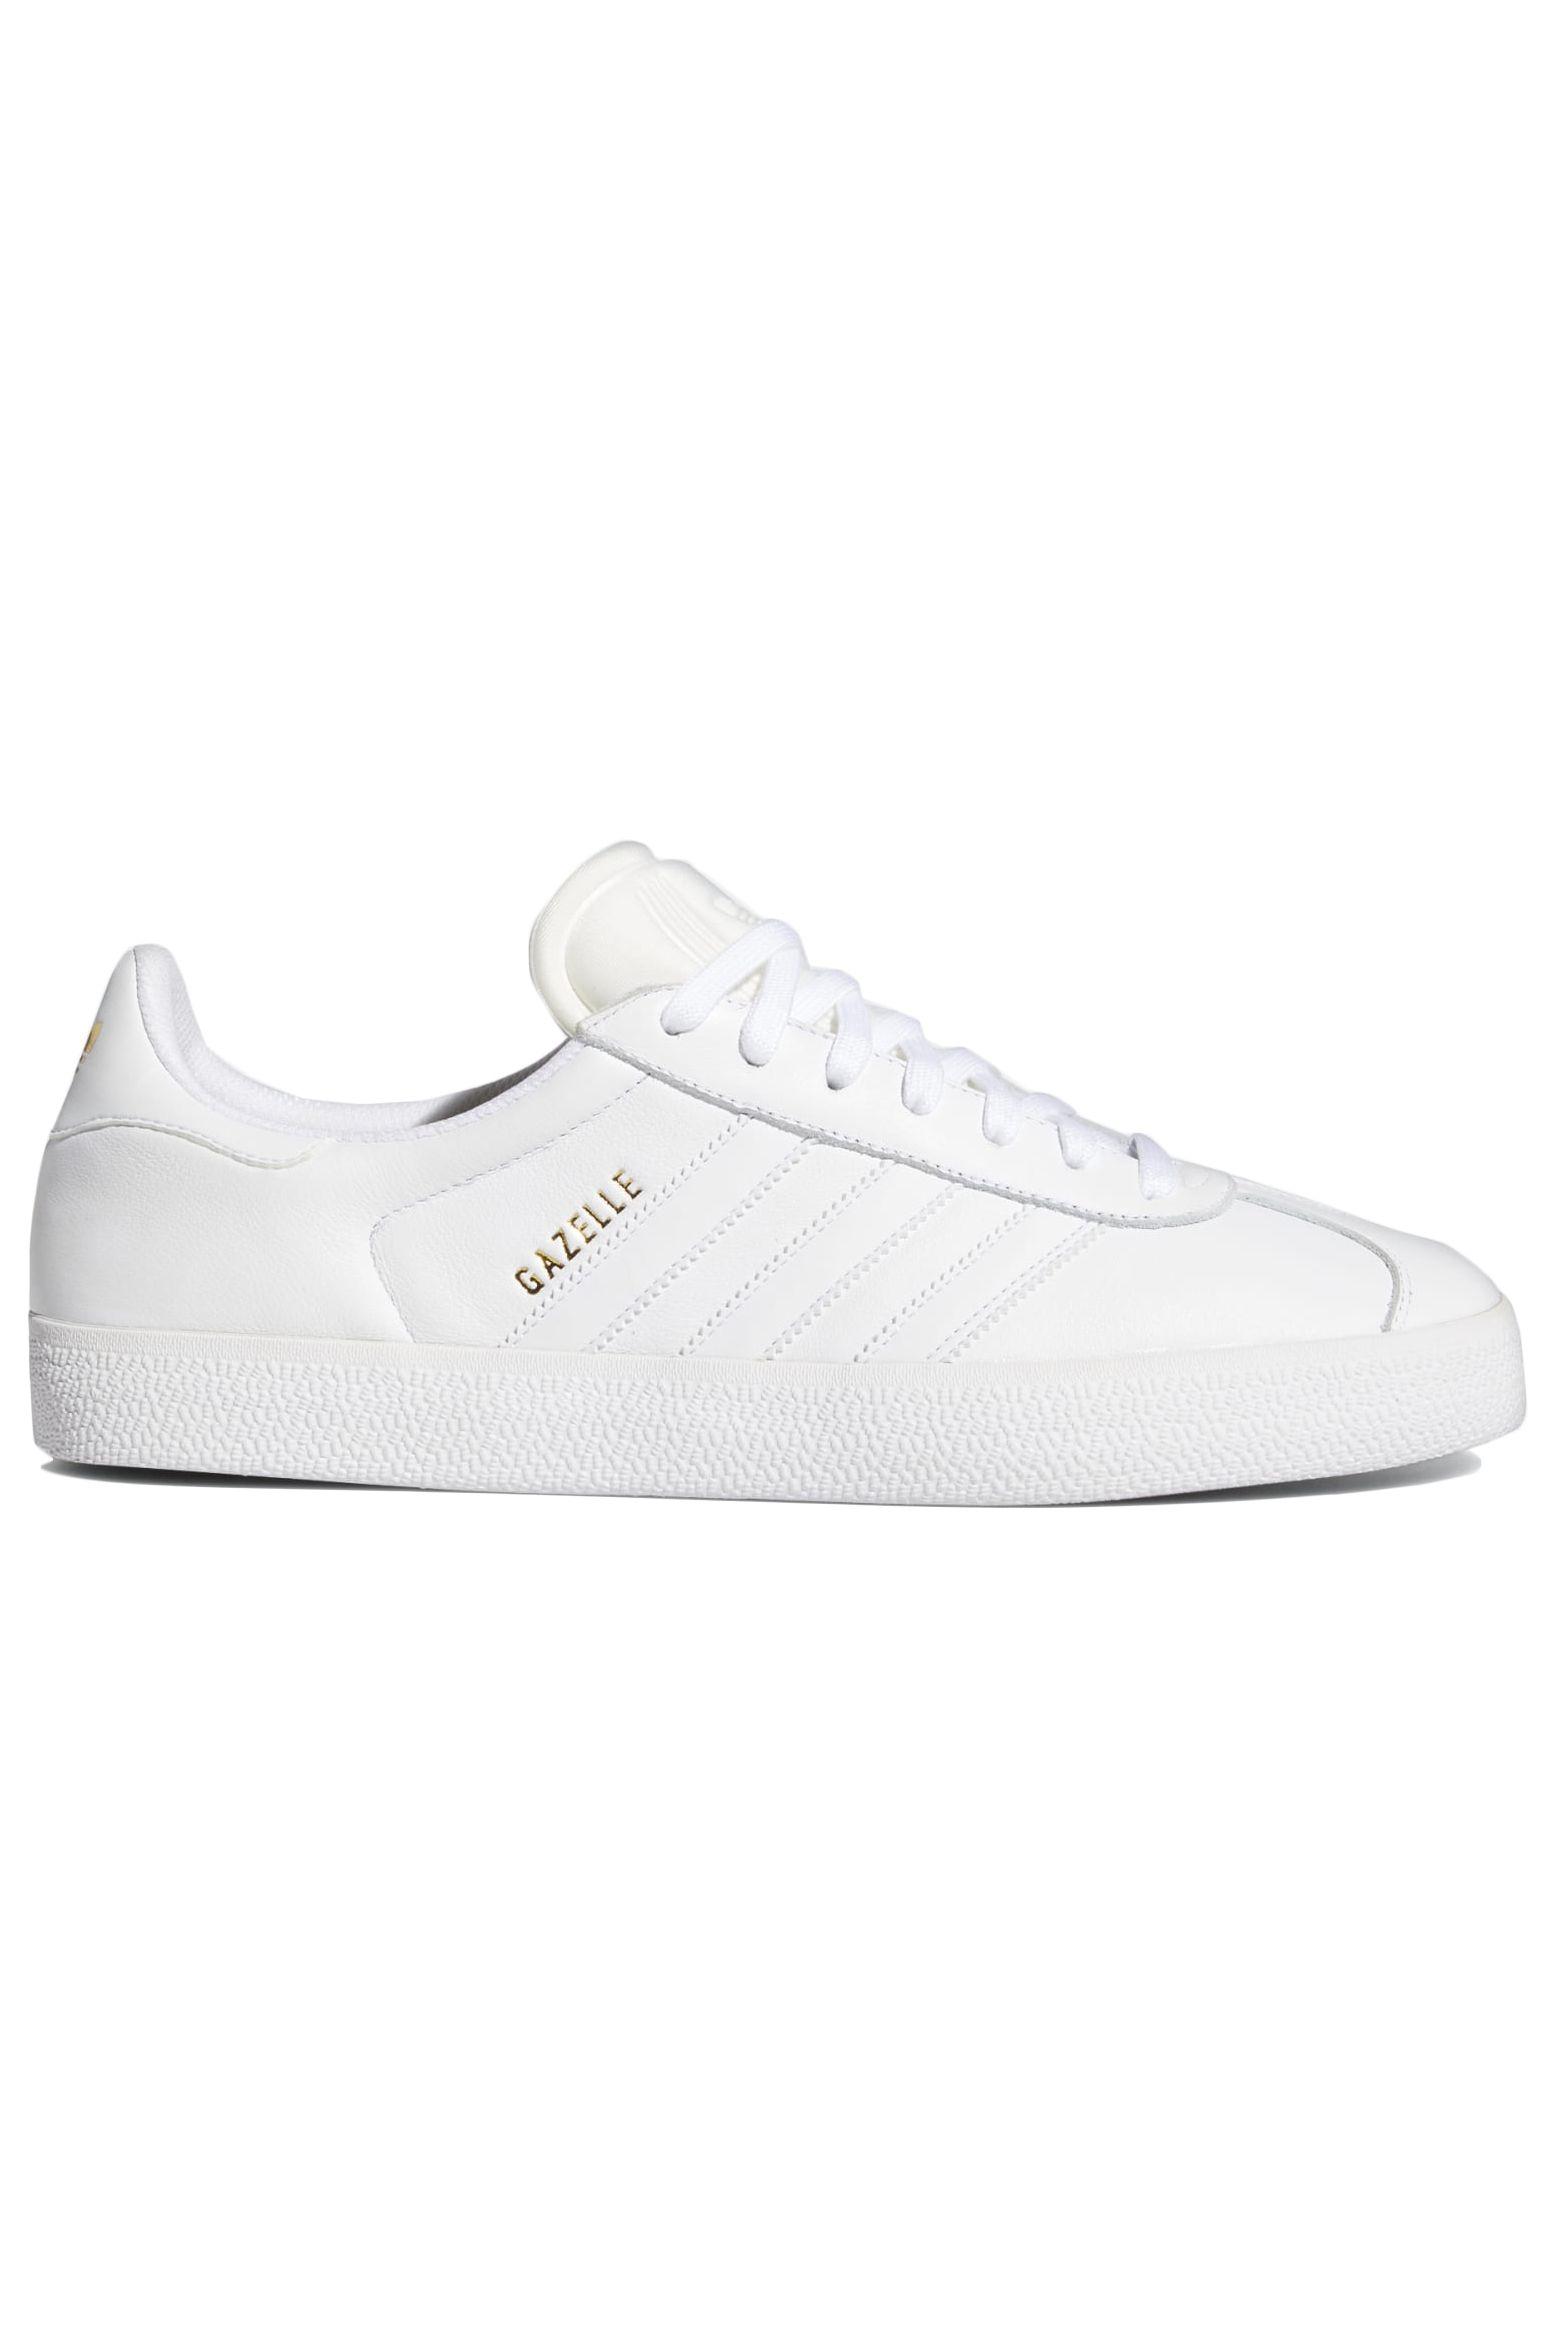 Tenis Adidas GAZELLE ADV Ftwr White/Ftwr White/Gold Met.